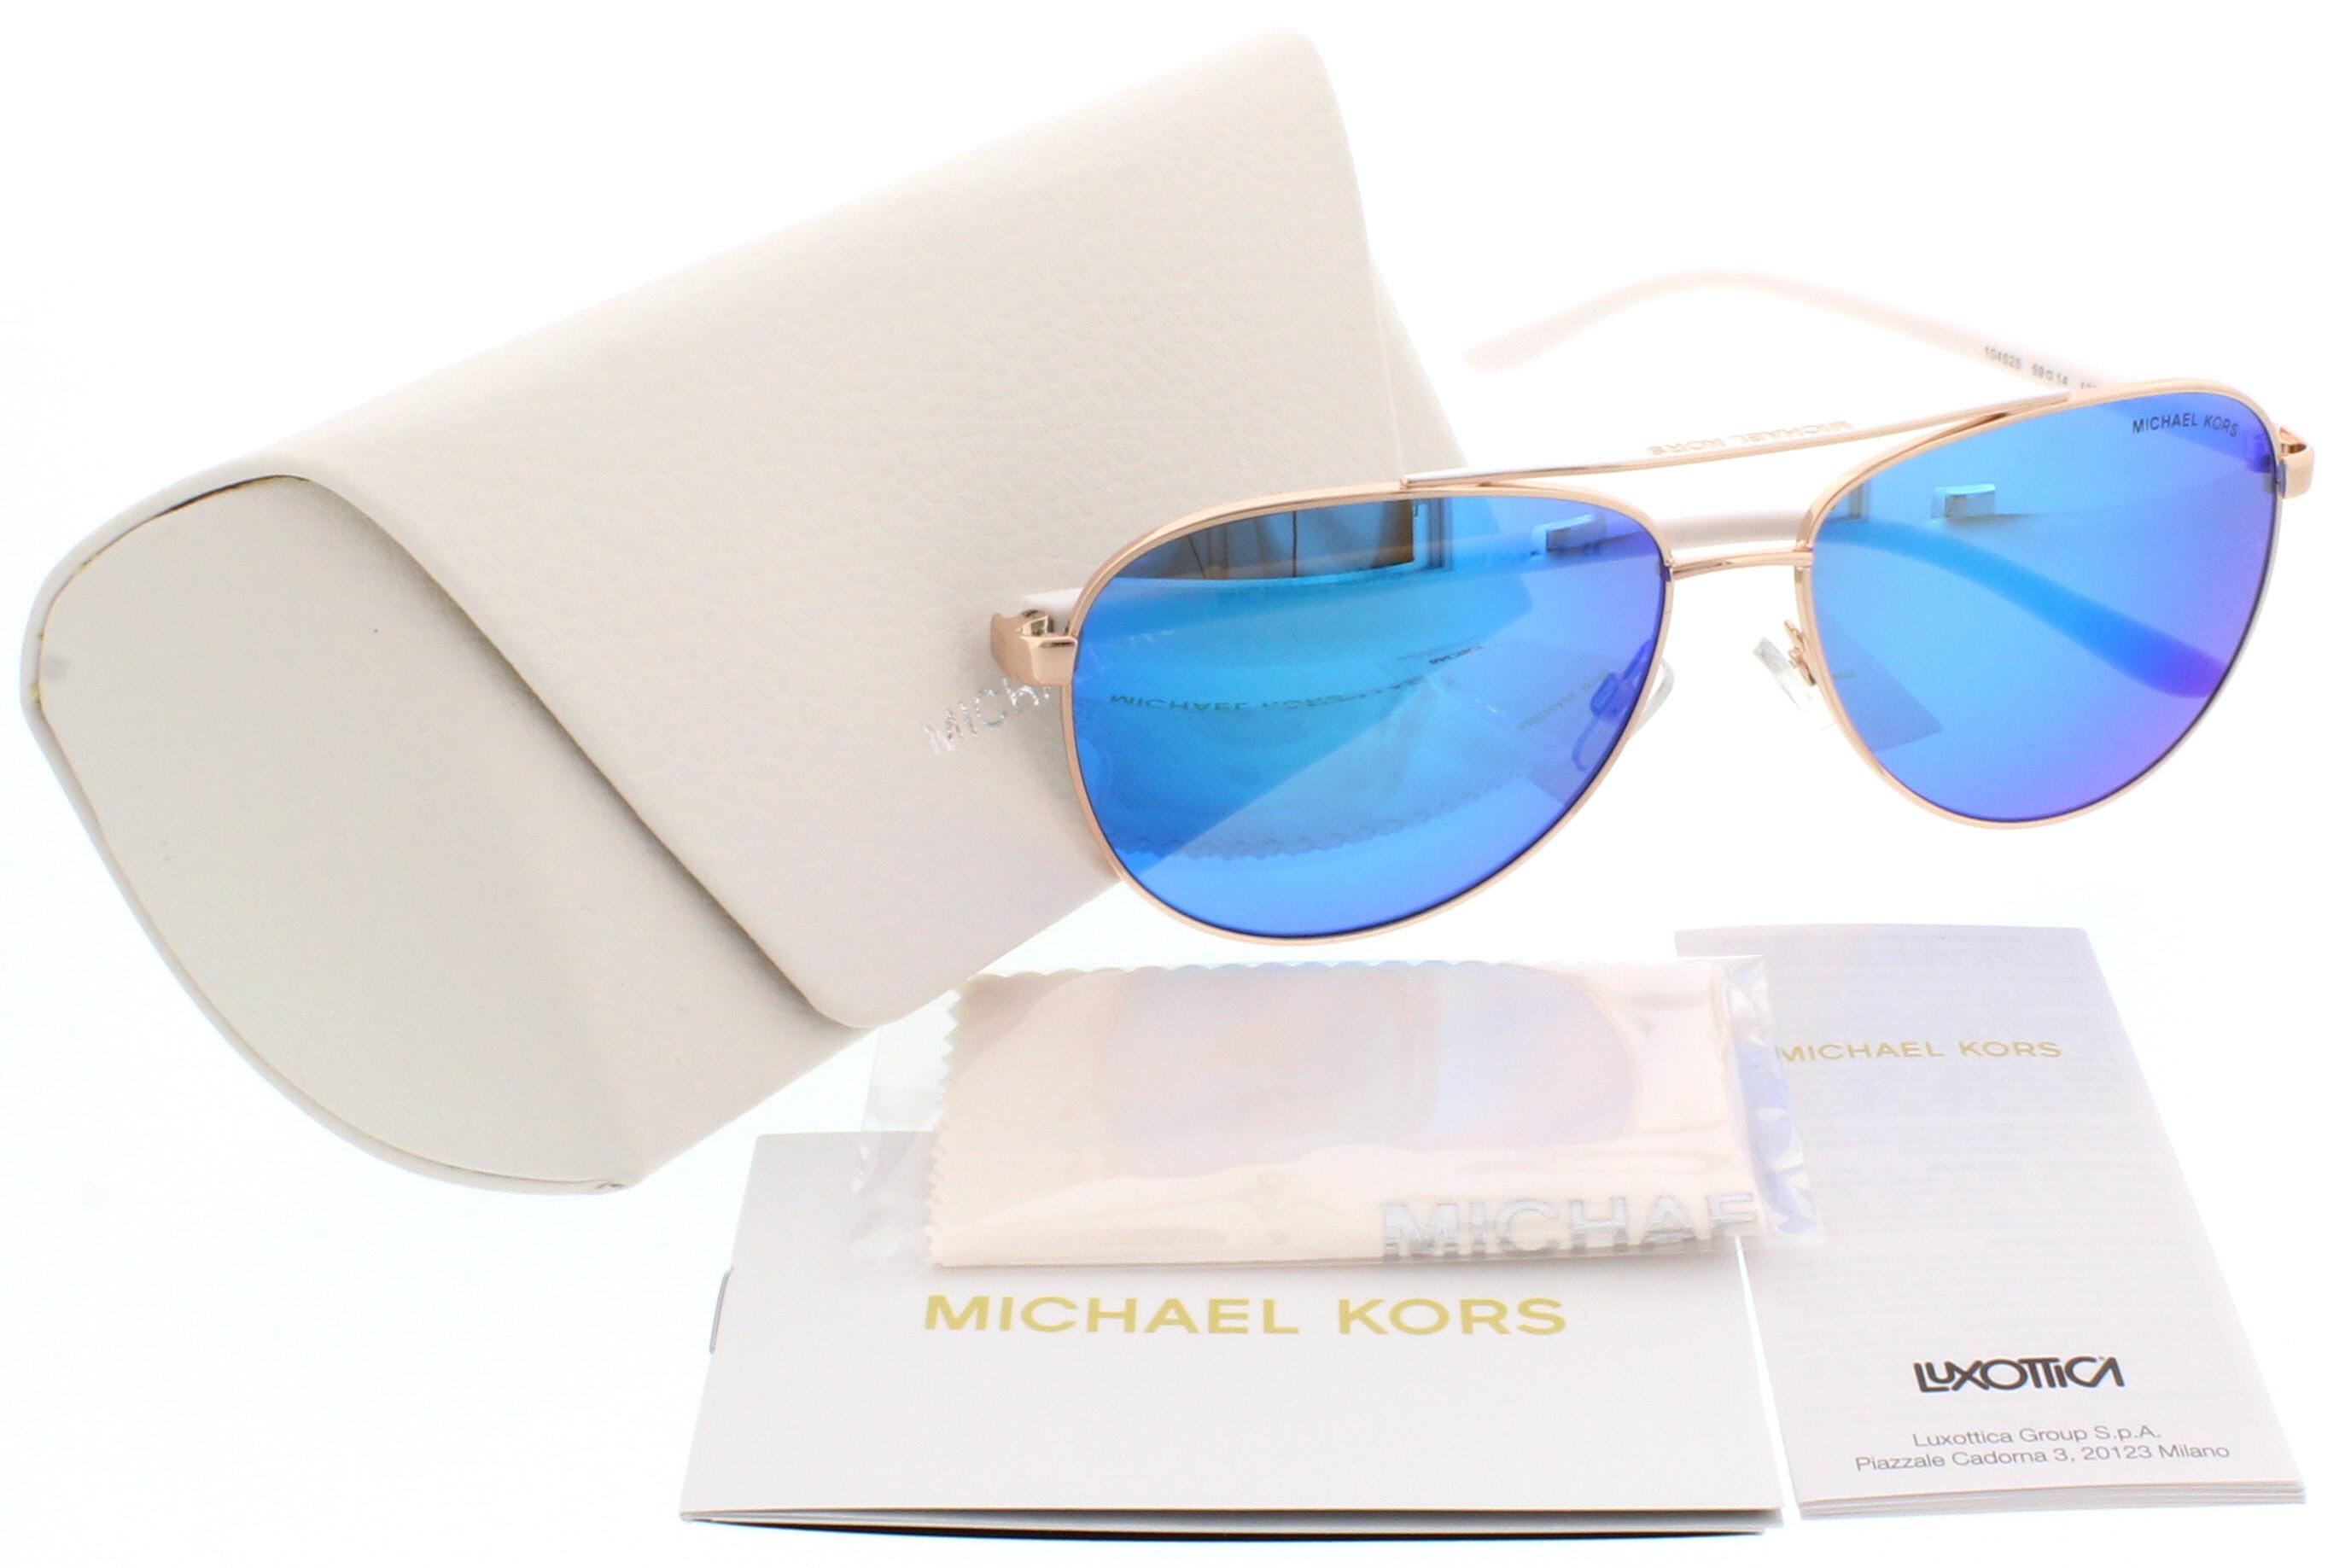 67c5c9db49 Designer Frames Outlet. Michael Kors MK5007 Hvar